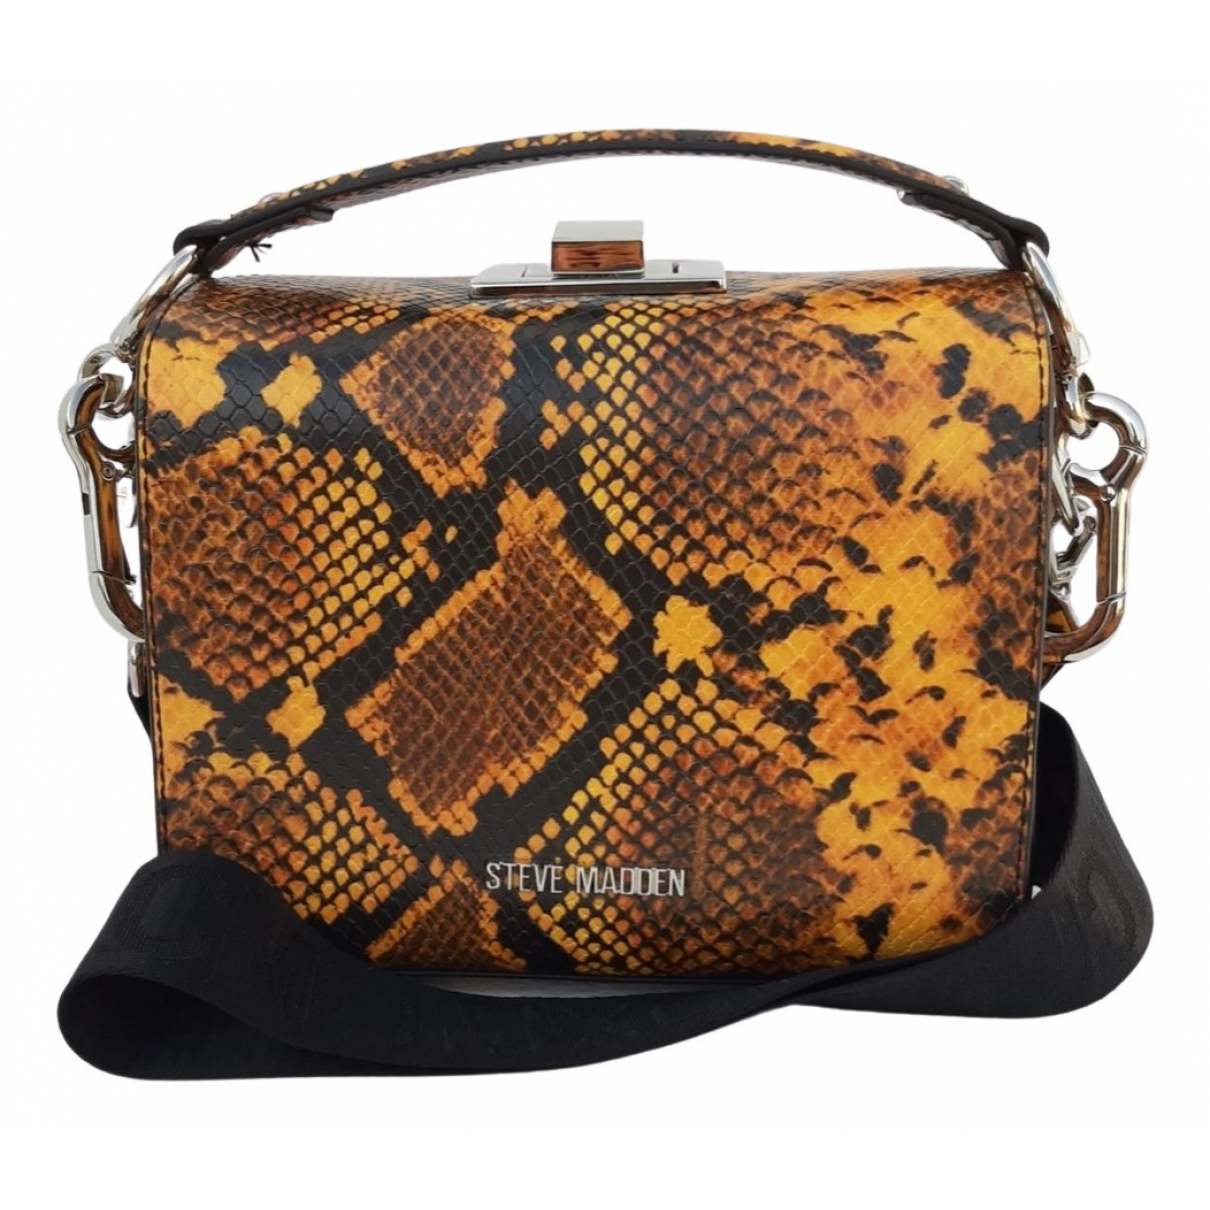 Steve Madden \N Multicolour Leather handbag for Women \N